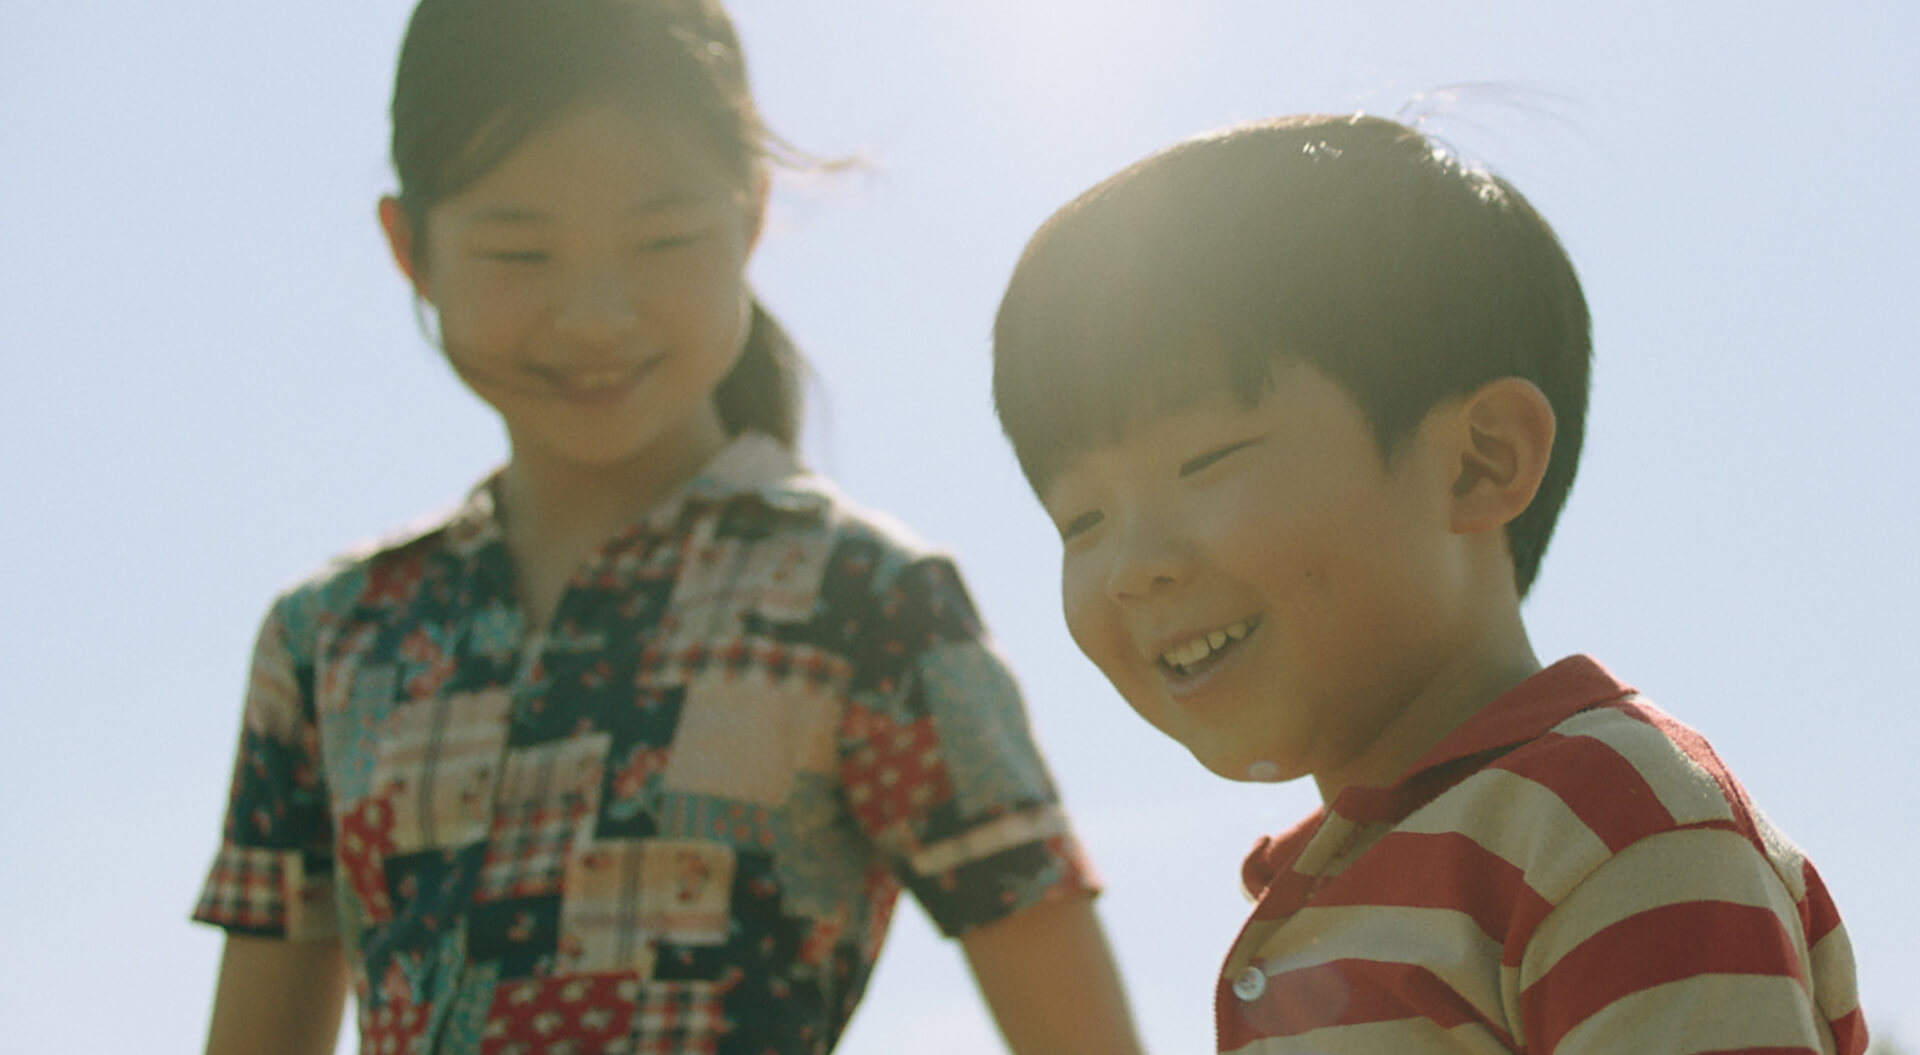 『パラサイト』に続く快挙なるか!?A24×PLAN Bの映画『ミナリ』がアカデミー前哨戦・GG外国語映画賞受賞 film210301_minari_3